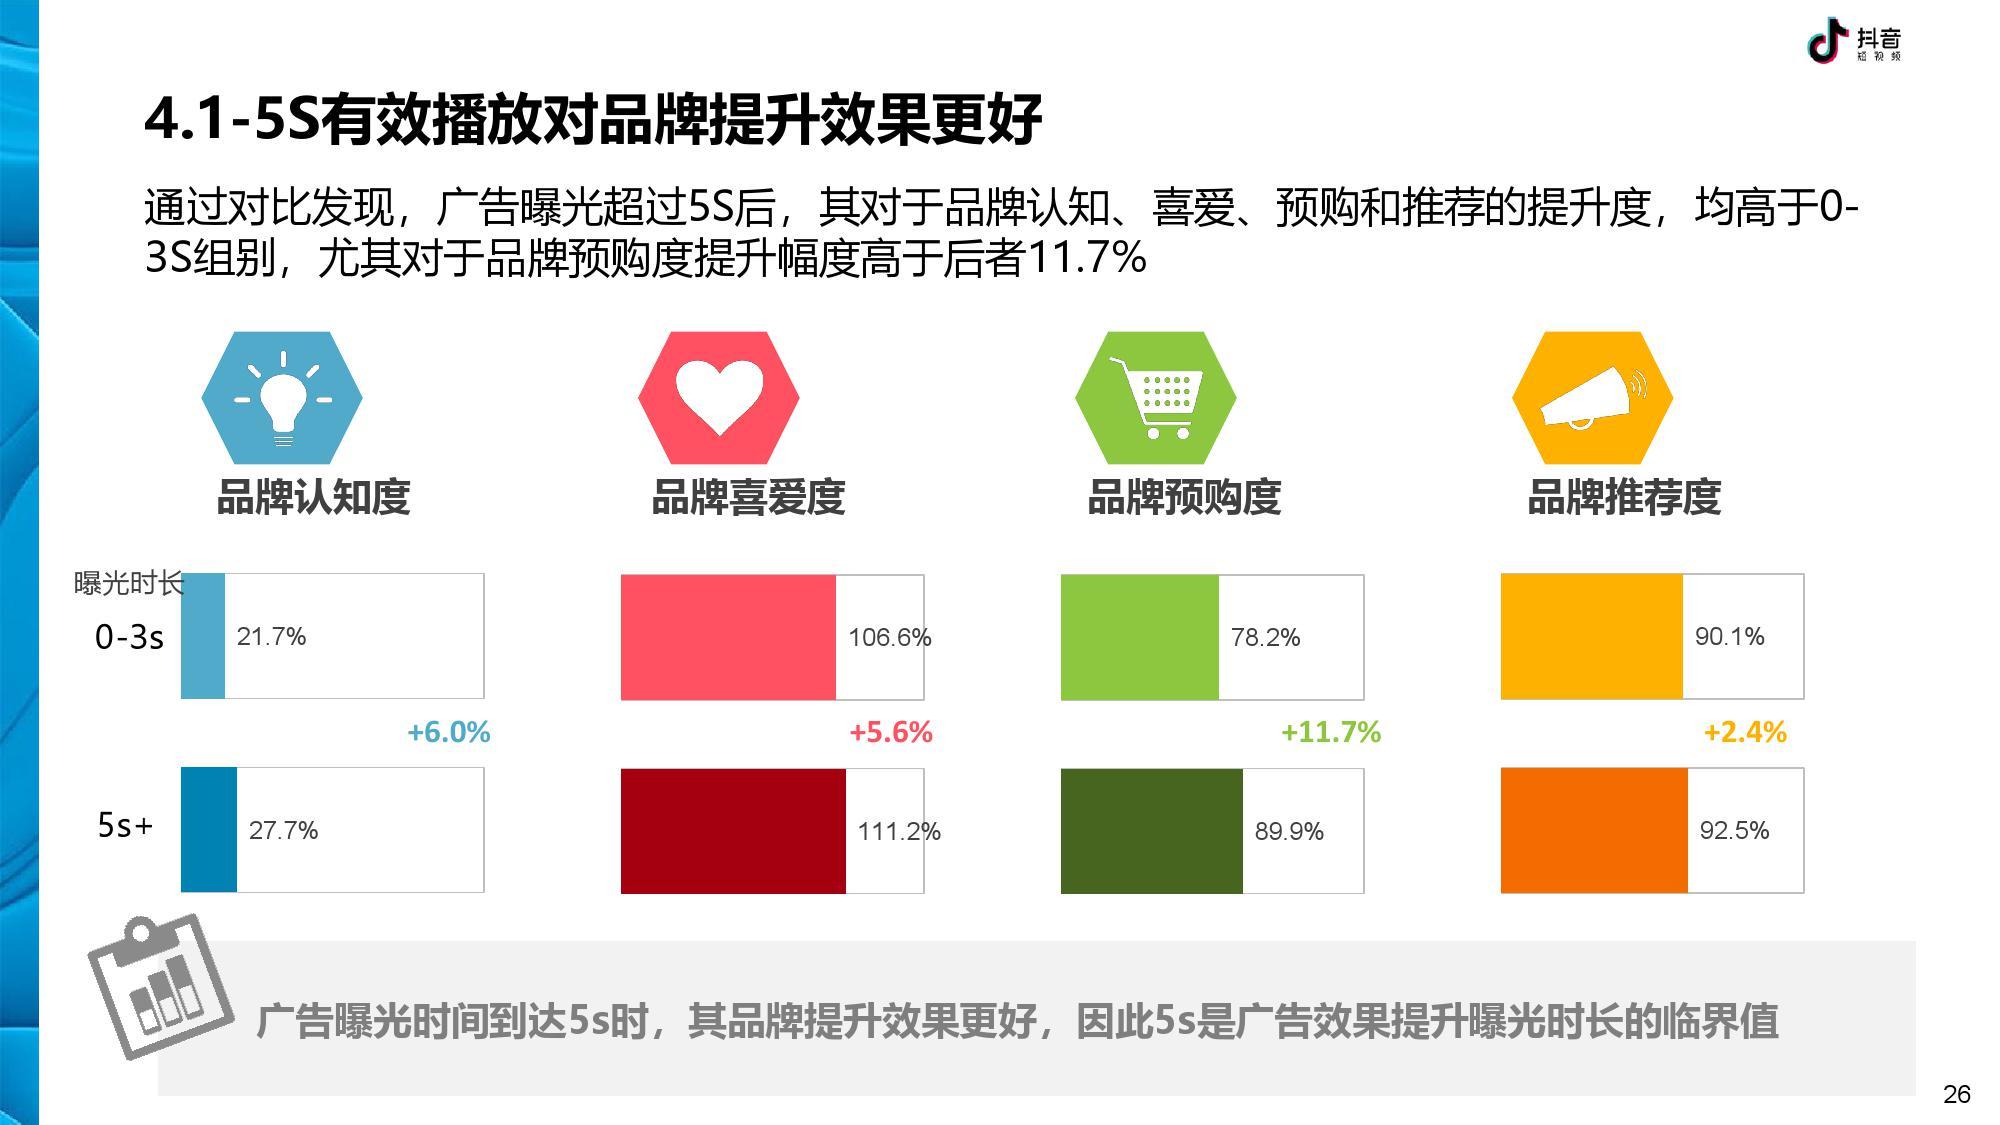 抖音 DTV 广告营销价值白皮书-CNMOAD 中文移动营销资讯 26